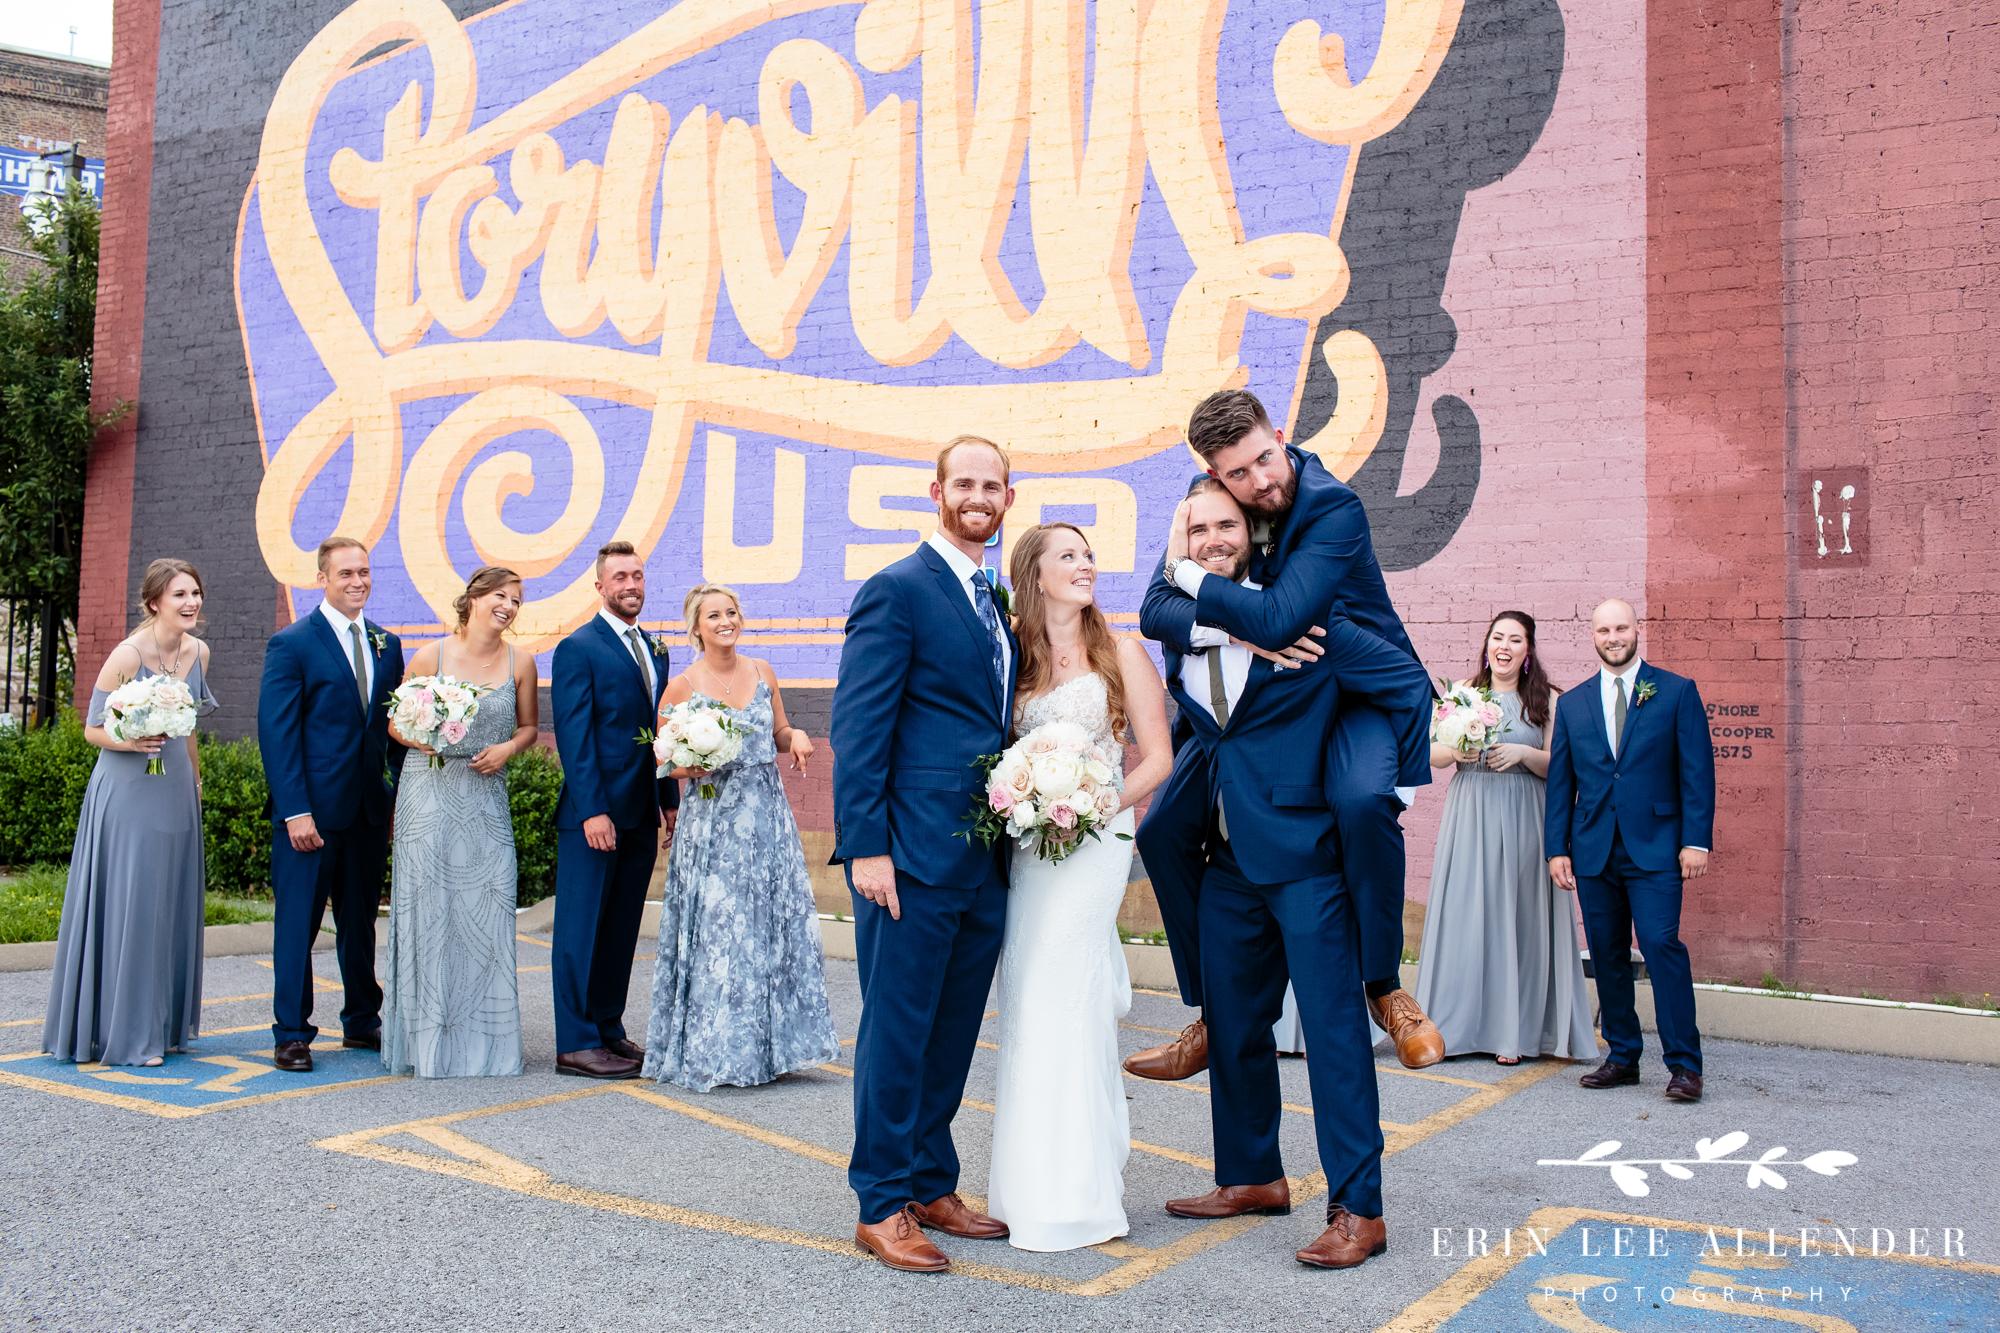 goofy-wedding-photo